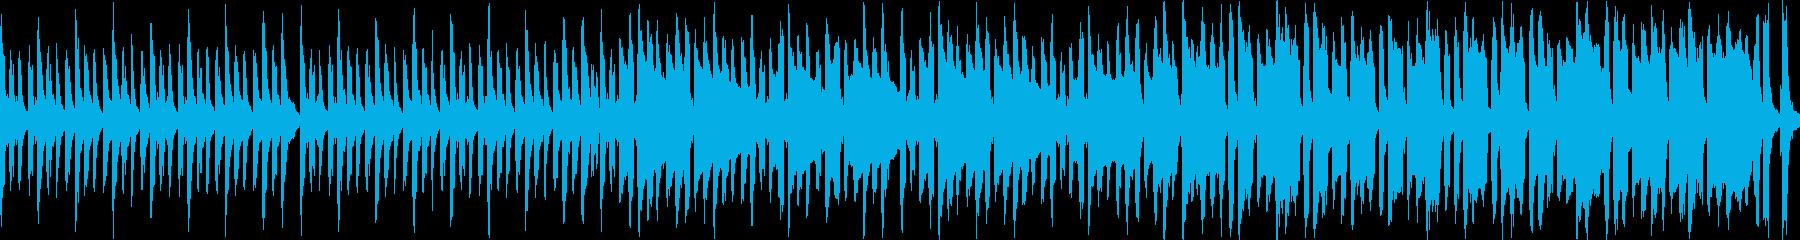 【ループ】ピチカートとトランペットの可愛の再生済みの波形